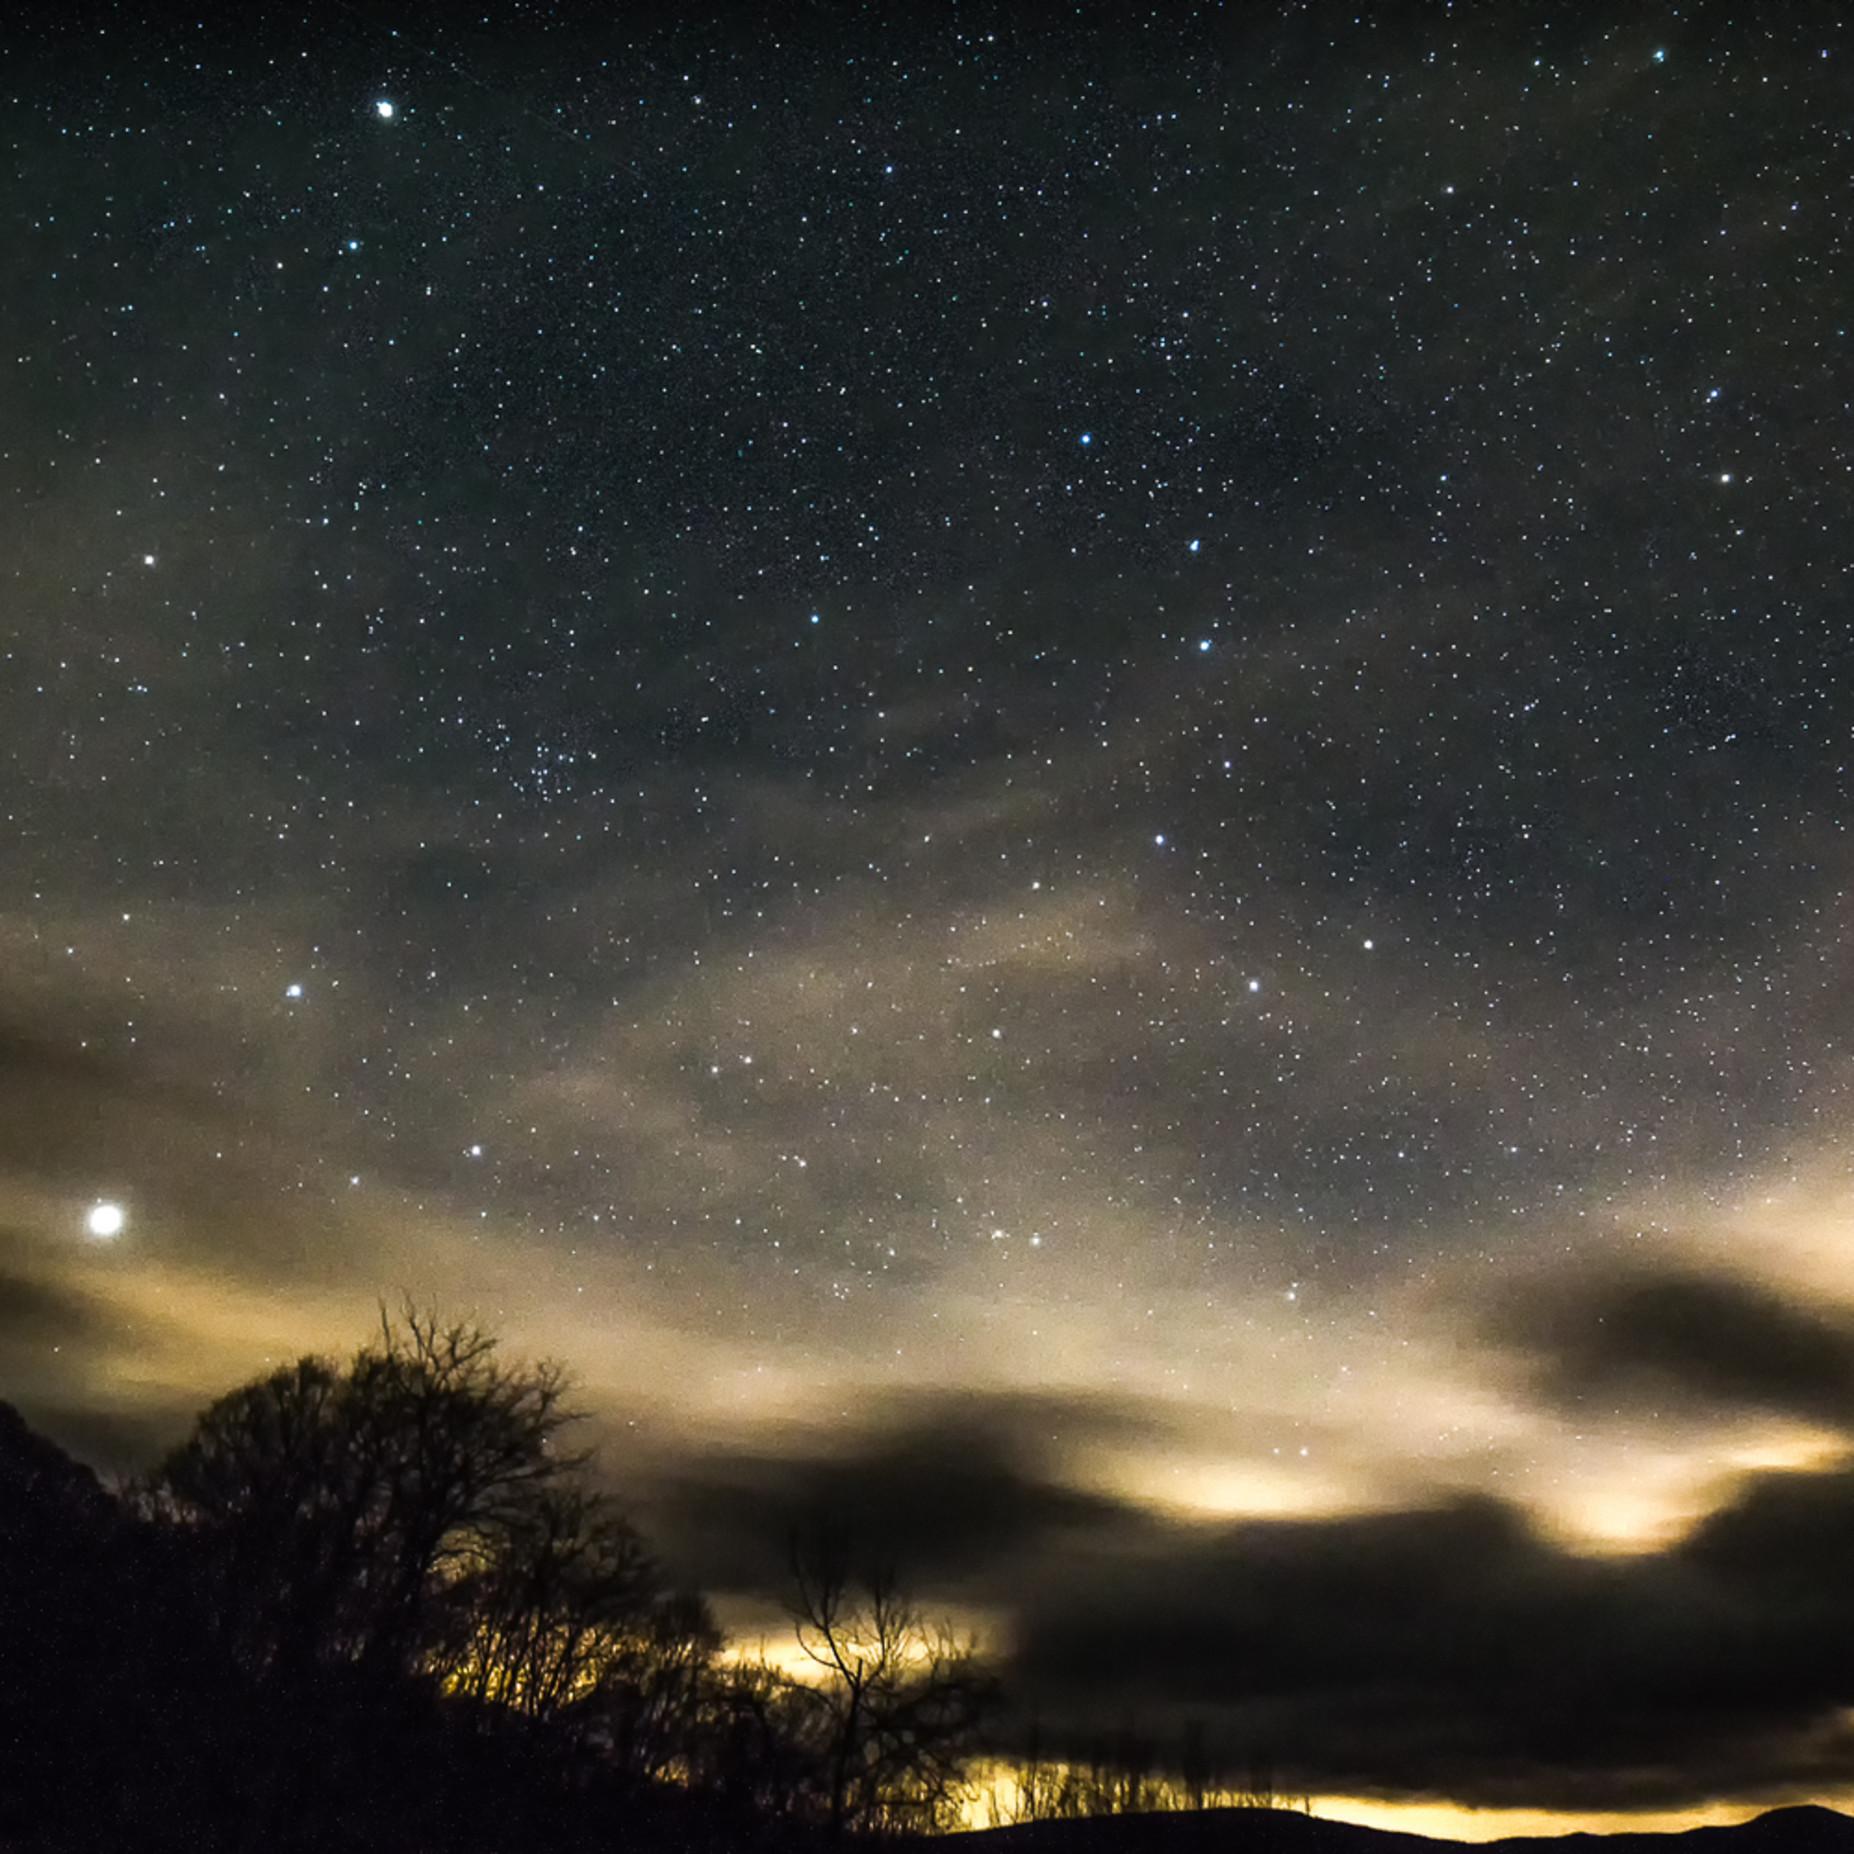 Starry night  jsen5w